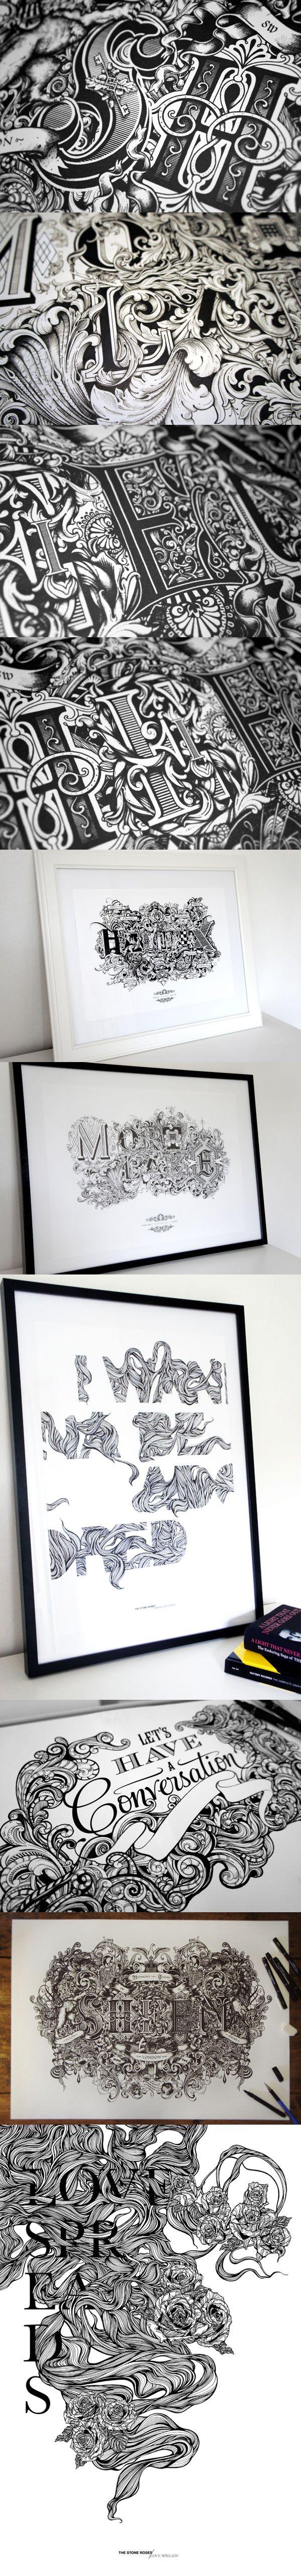 Les impressionantes réalisation typographiques et ornementales de Greg Coulton.